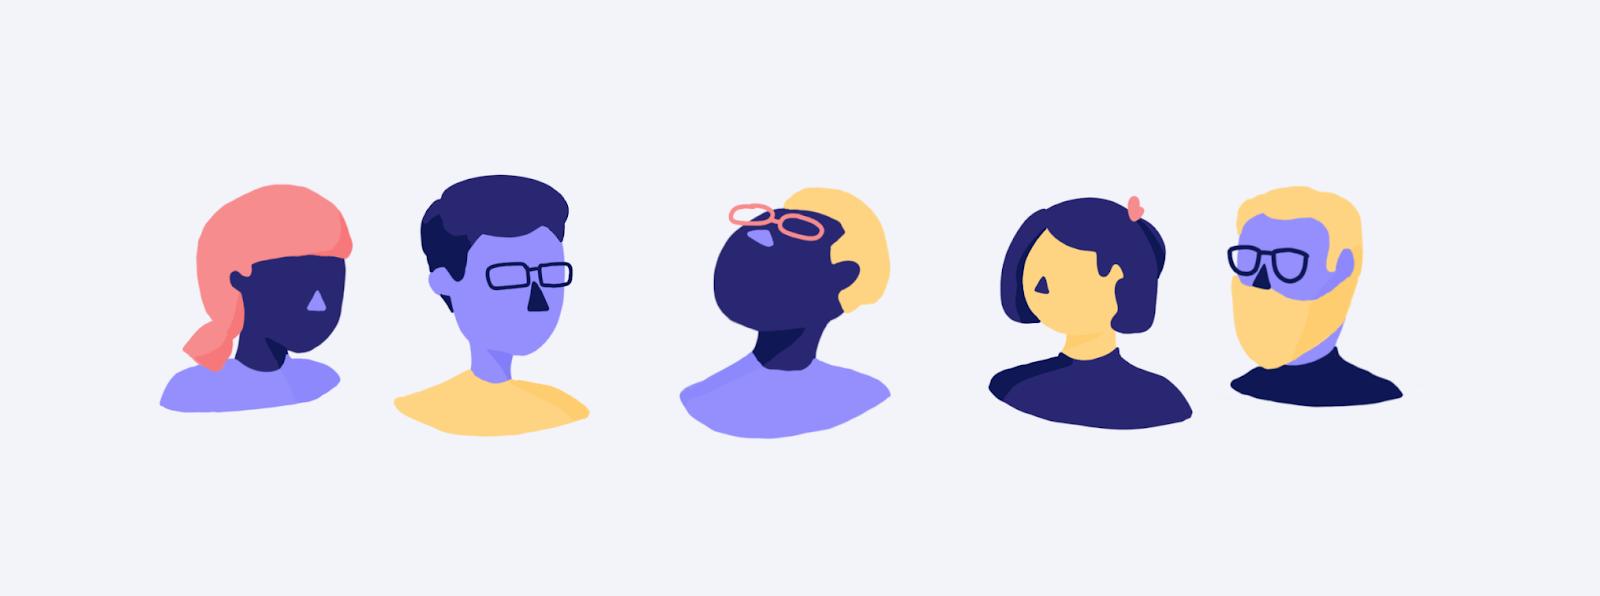 Дайджест продуктового дизайна, март 2019 - 13